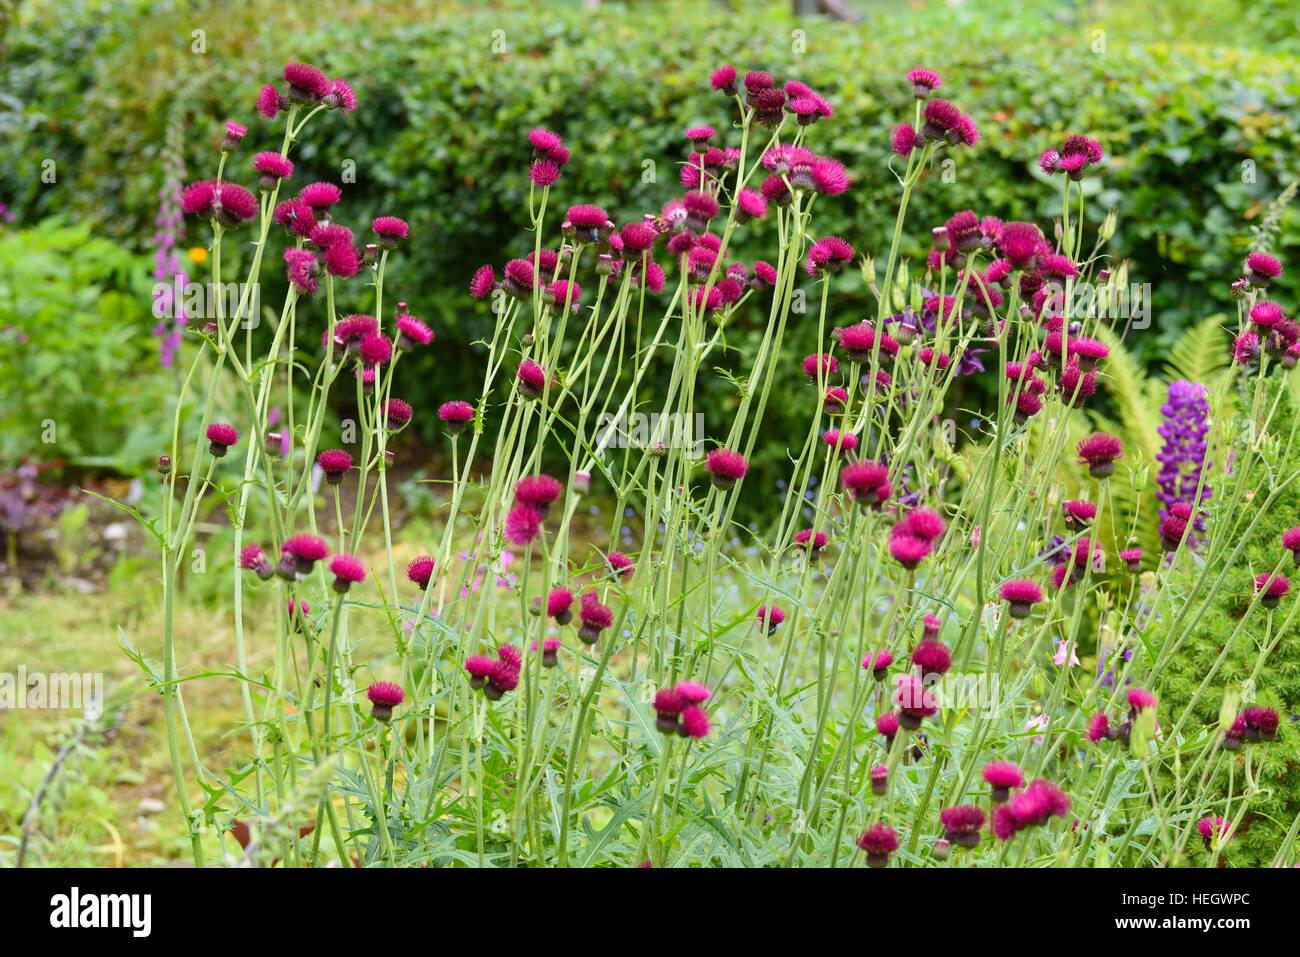 Cirsium rivulare Atropurpureum, cultivated garden flower - Stock Image